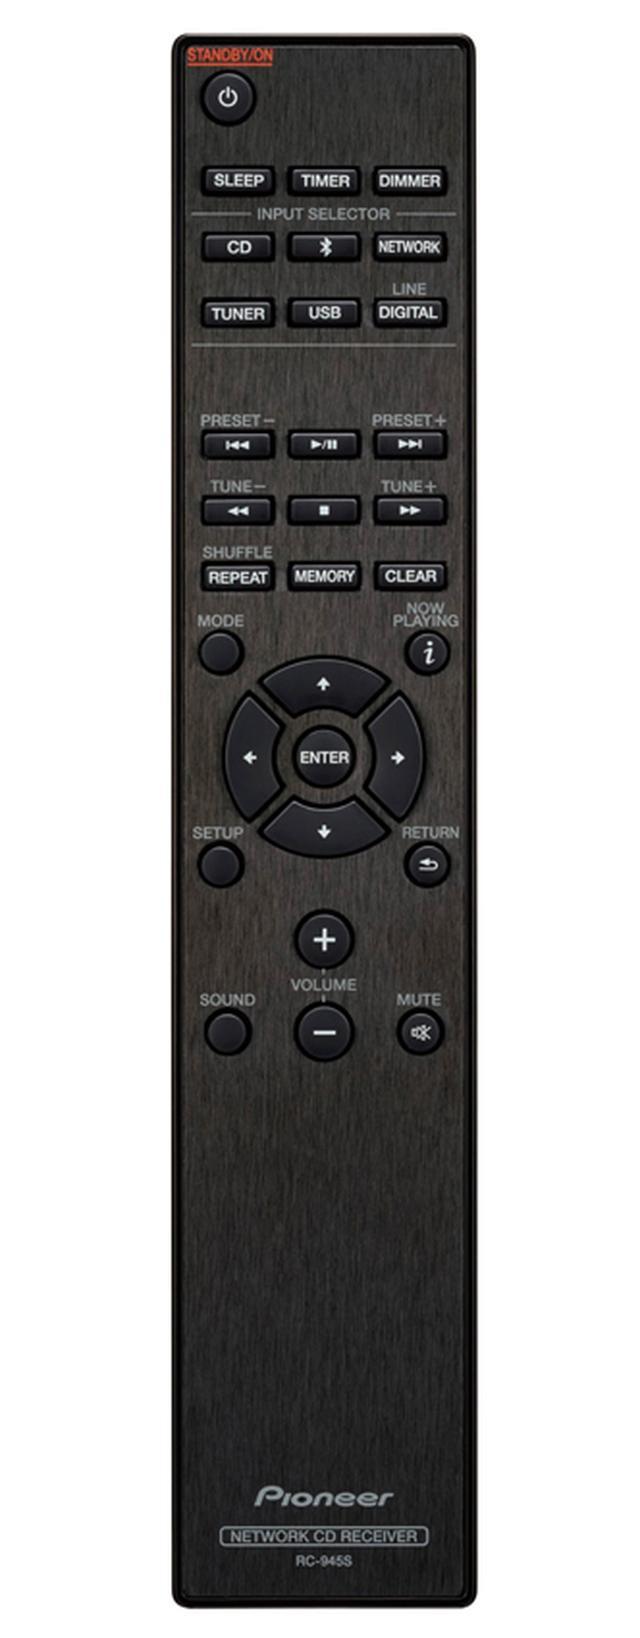 画像: すっきりとしたデザインのリモコン。シンプルで明快なボタン配置で、快適に操作できた。